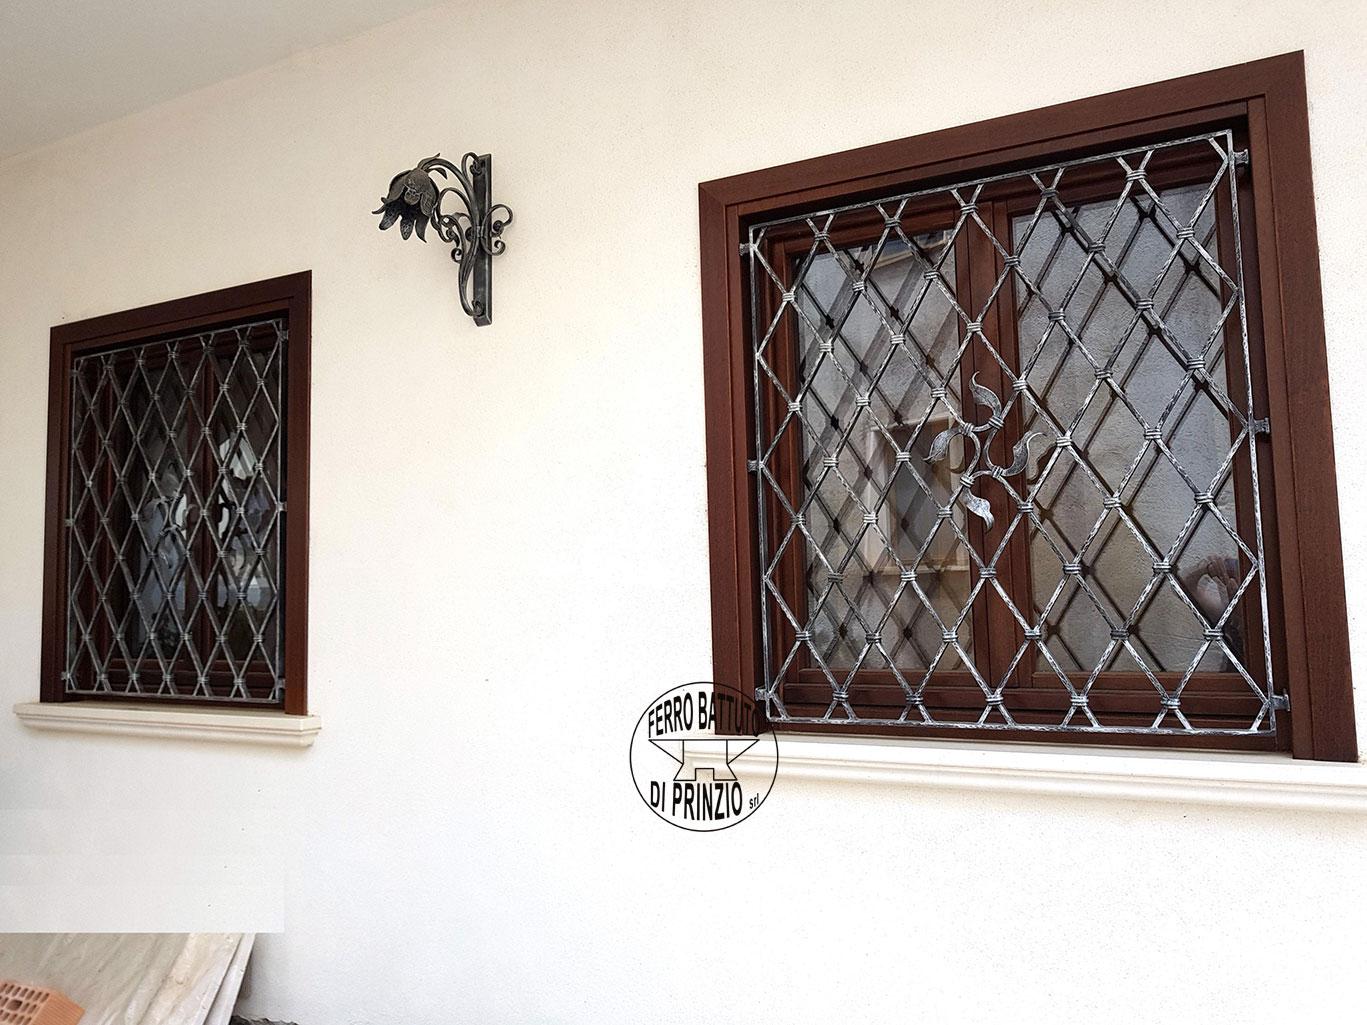 Realizzazione grate e protezioni ferro battuto di prinzio italia - Grate x finestre ...